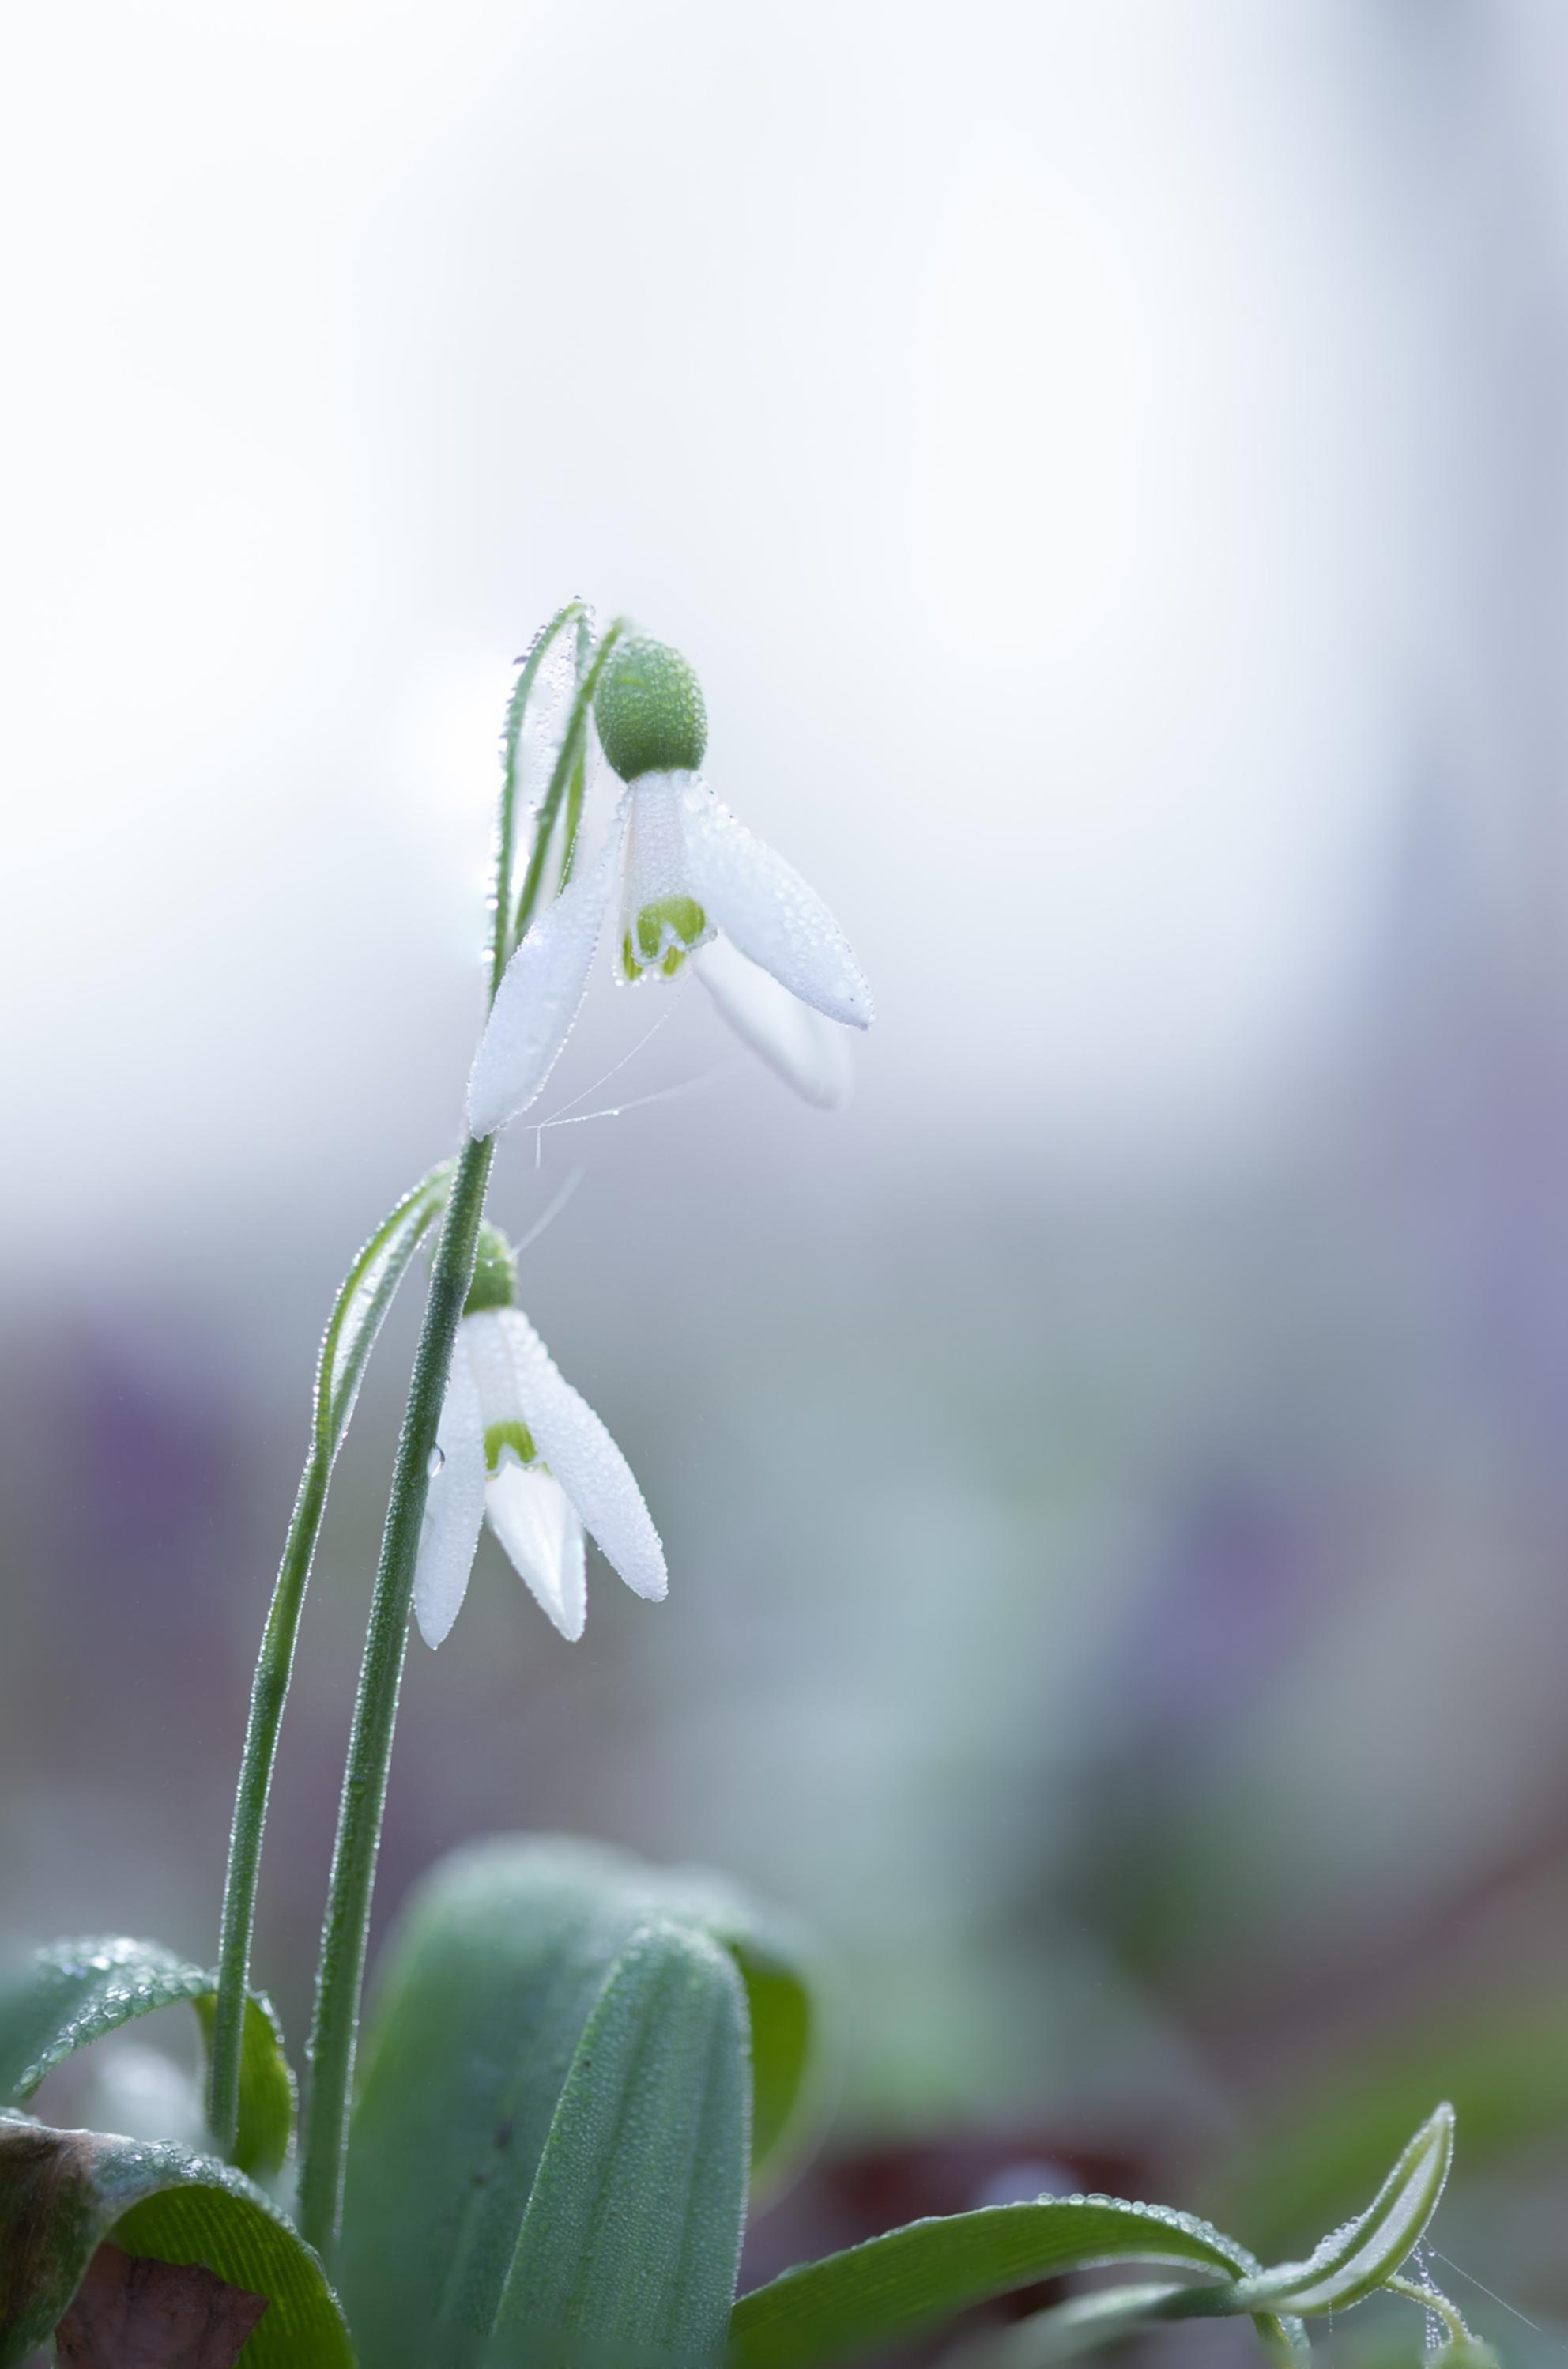 Winterklokje 2 - Mistige morgen - foto door suzanharmsen op 03-03-2021 - deze foto bevat: lucht, macro, lente, natuur, druppel, licht, mist, nederland - Deze foto mag gebruikt worden in een Zoom.nl publicatie